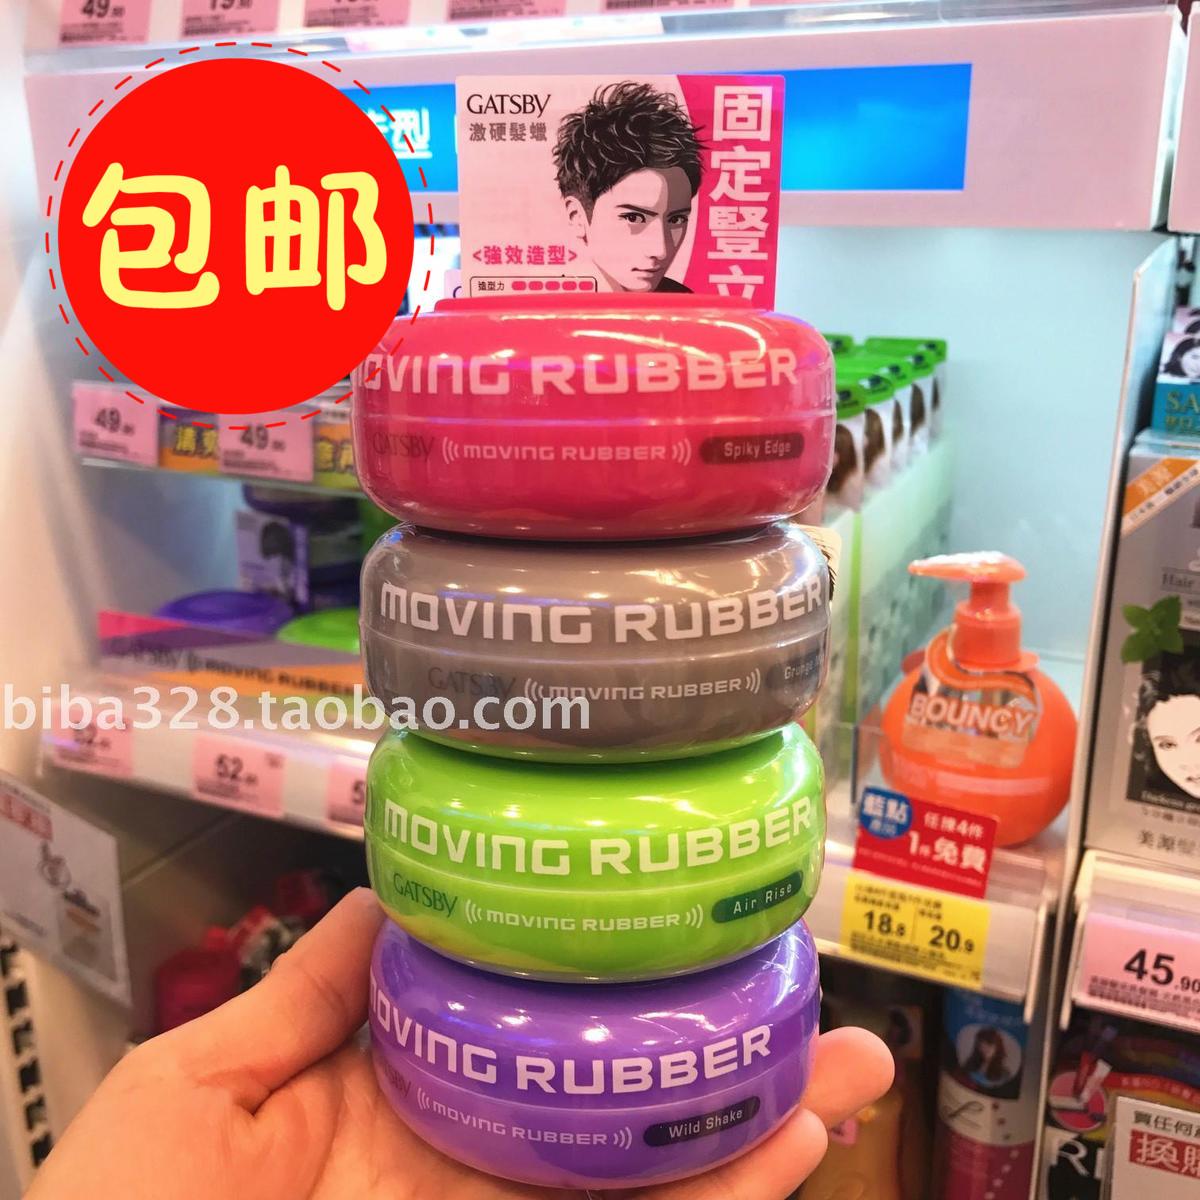 香港正品 日本傑士派gatsby頭髮塑型造型髮蠟/發泥/80G啞光蓬鬆